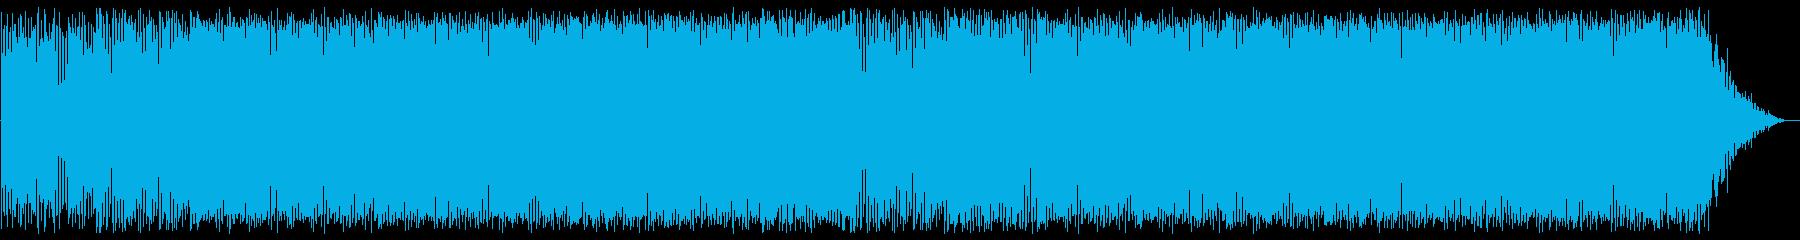 明るいテンポのいいボサノバジャズの曲の再生済みの波形